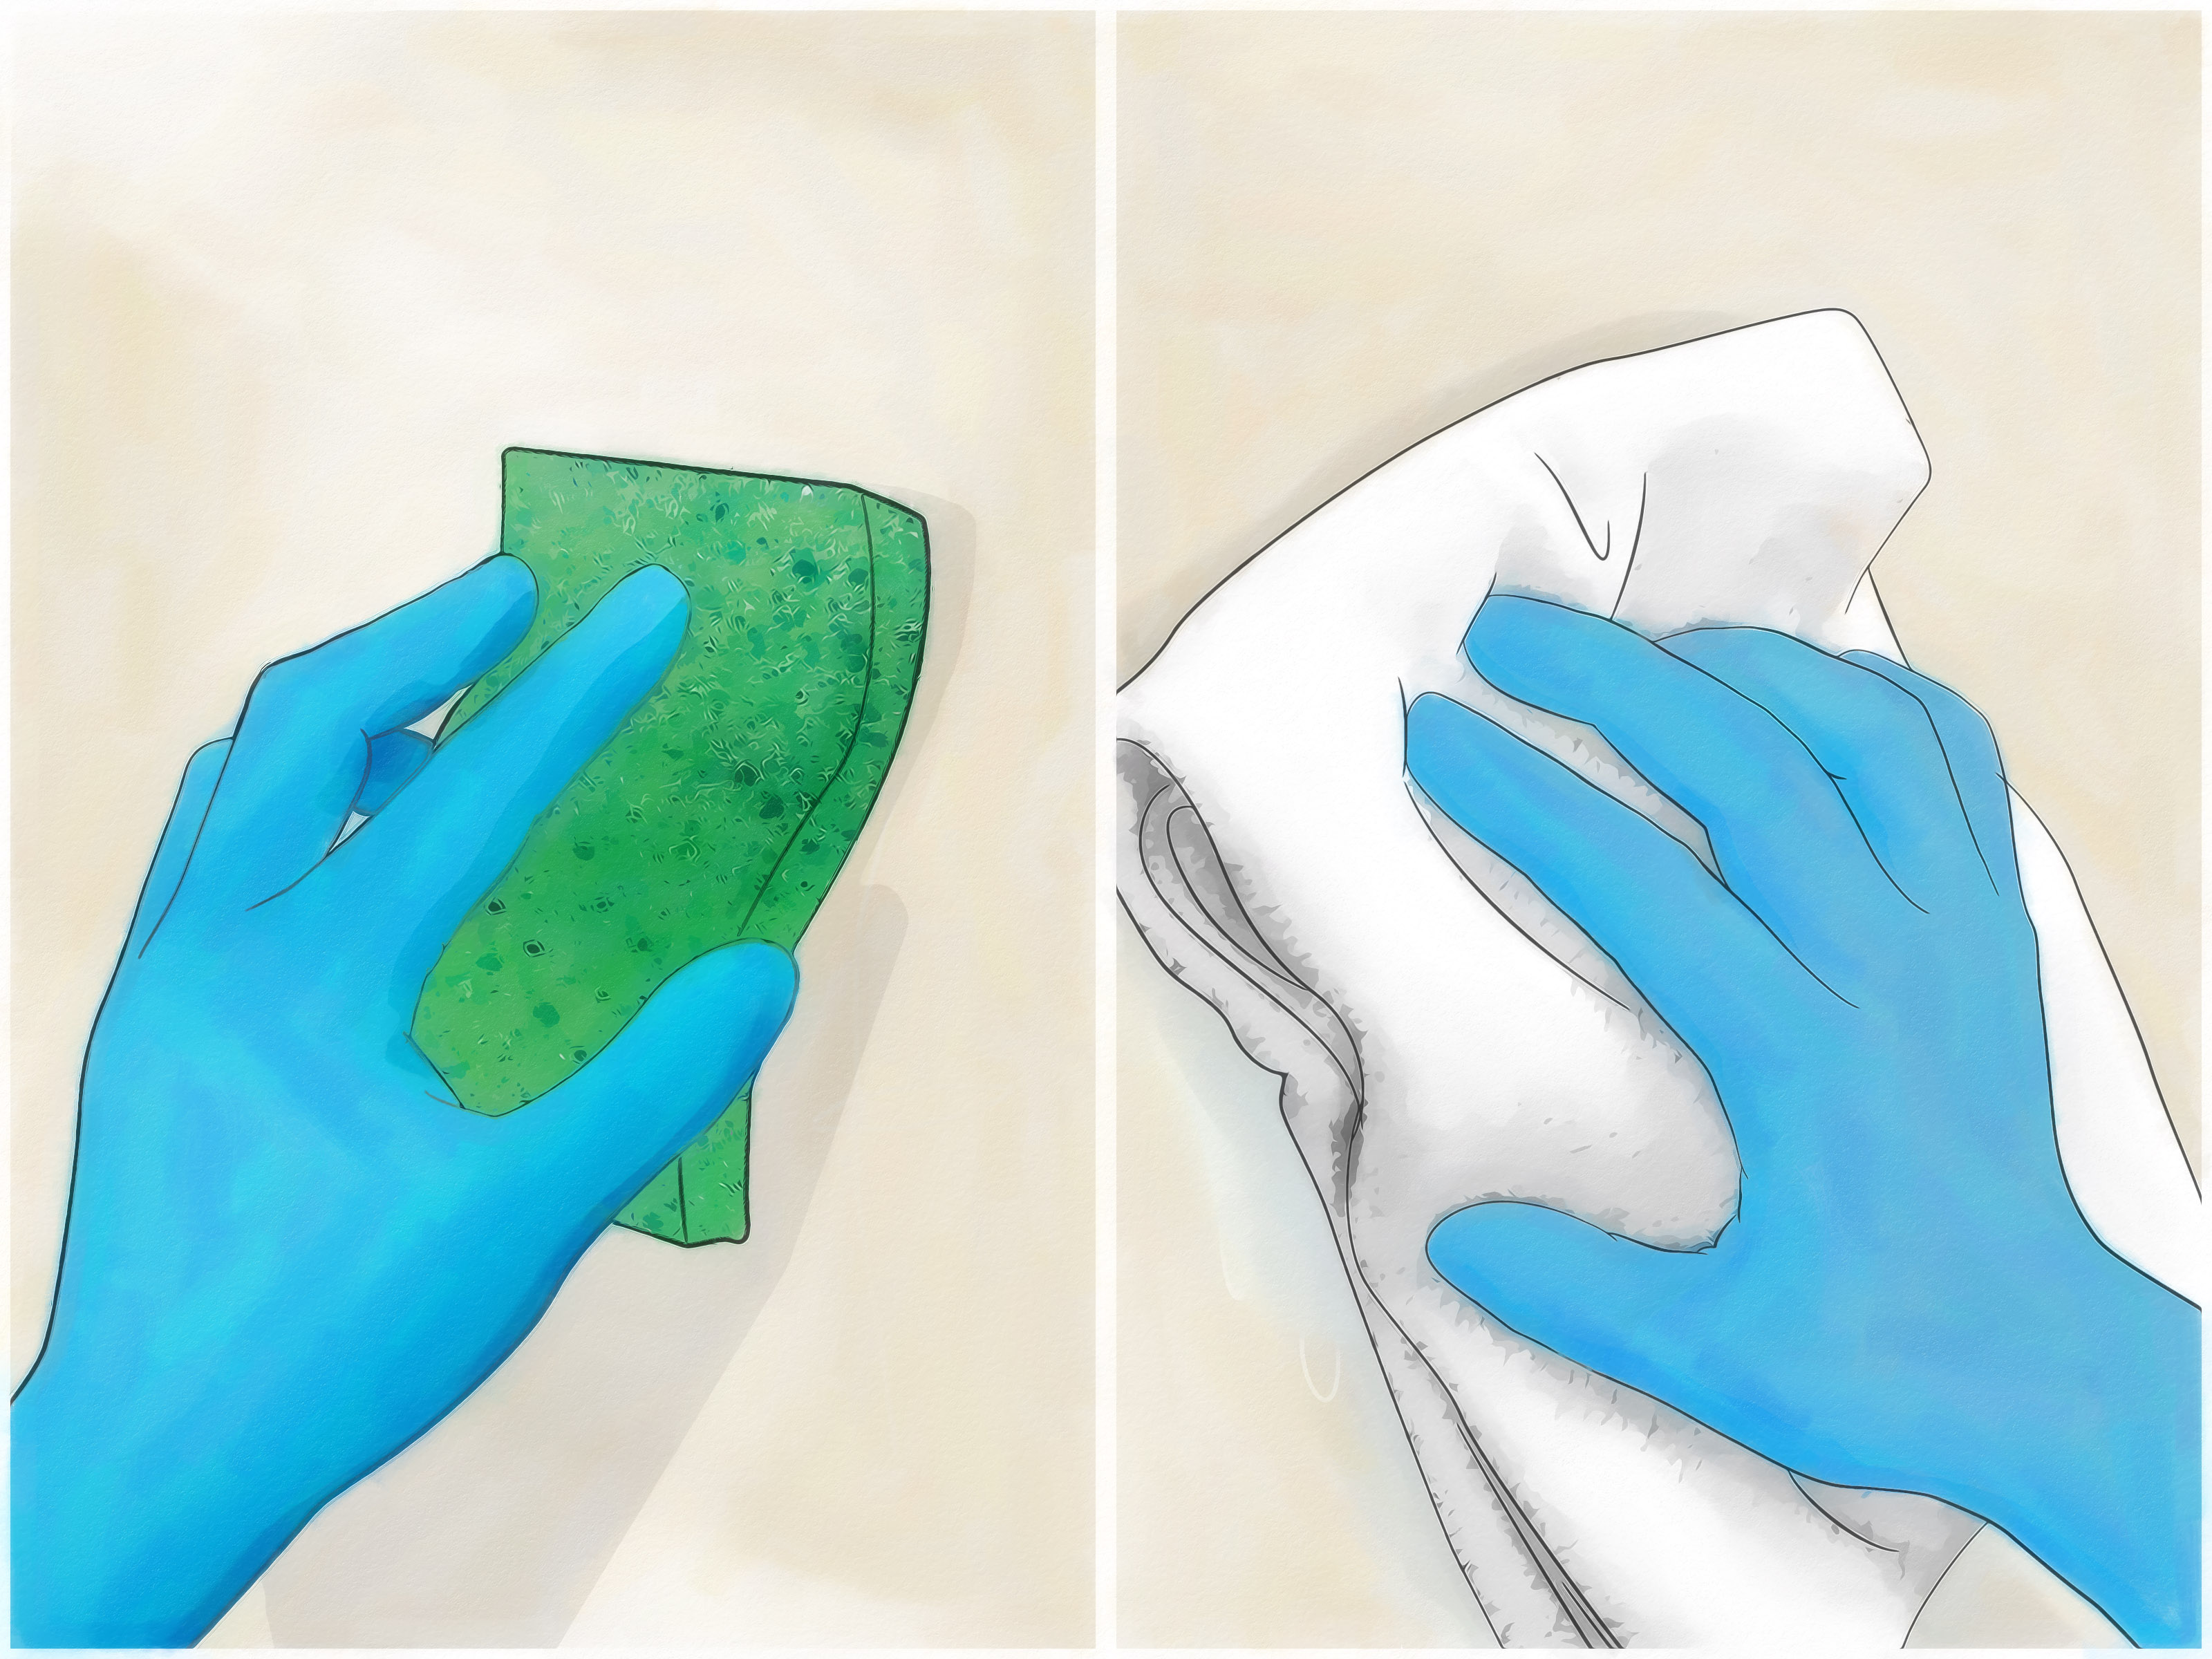 Basta infilare la lama della spatola sotto una giunta e sollevare un poco la carta per asportarne. 5 Modi Per Rimuovere La Carta Da Parati Wikihow